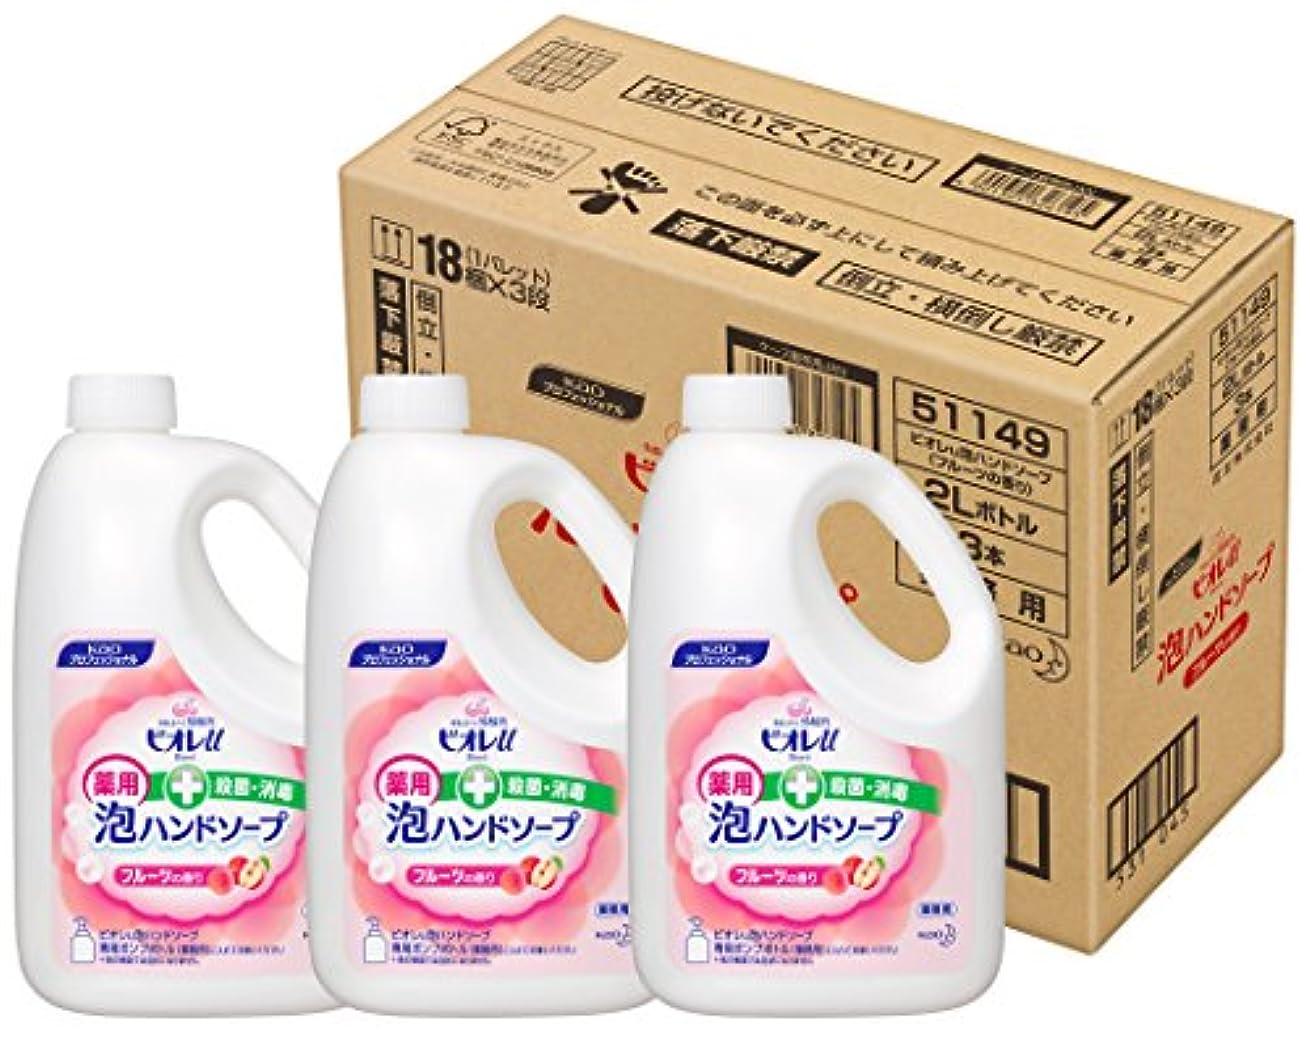 伴うフィードバックすべき【ケース販売 業務用 泡ハンドソープ】ビオレu 泡ハンドソープ フルーツの香り 2L×3(プロフェッショナルシリーズ)